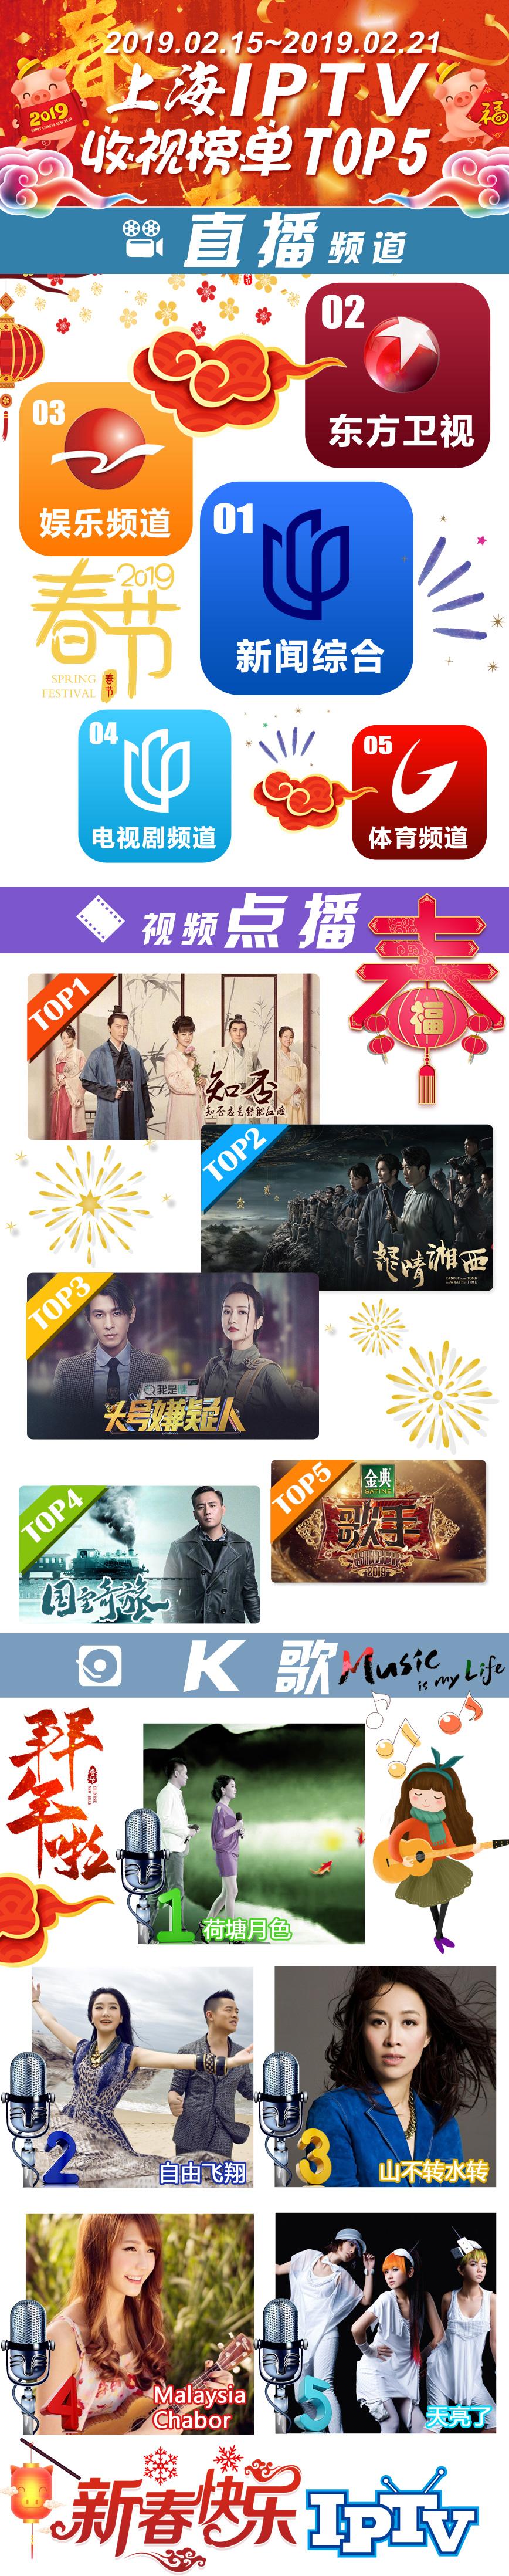 2019微博-上海IPTV收视榜单TOP5-190222.jpg